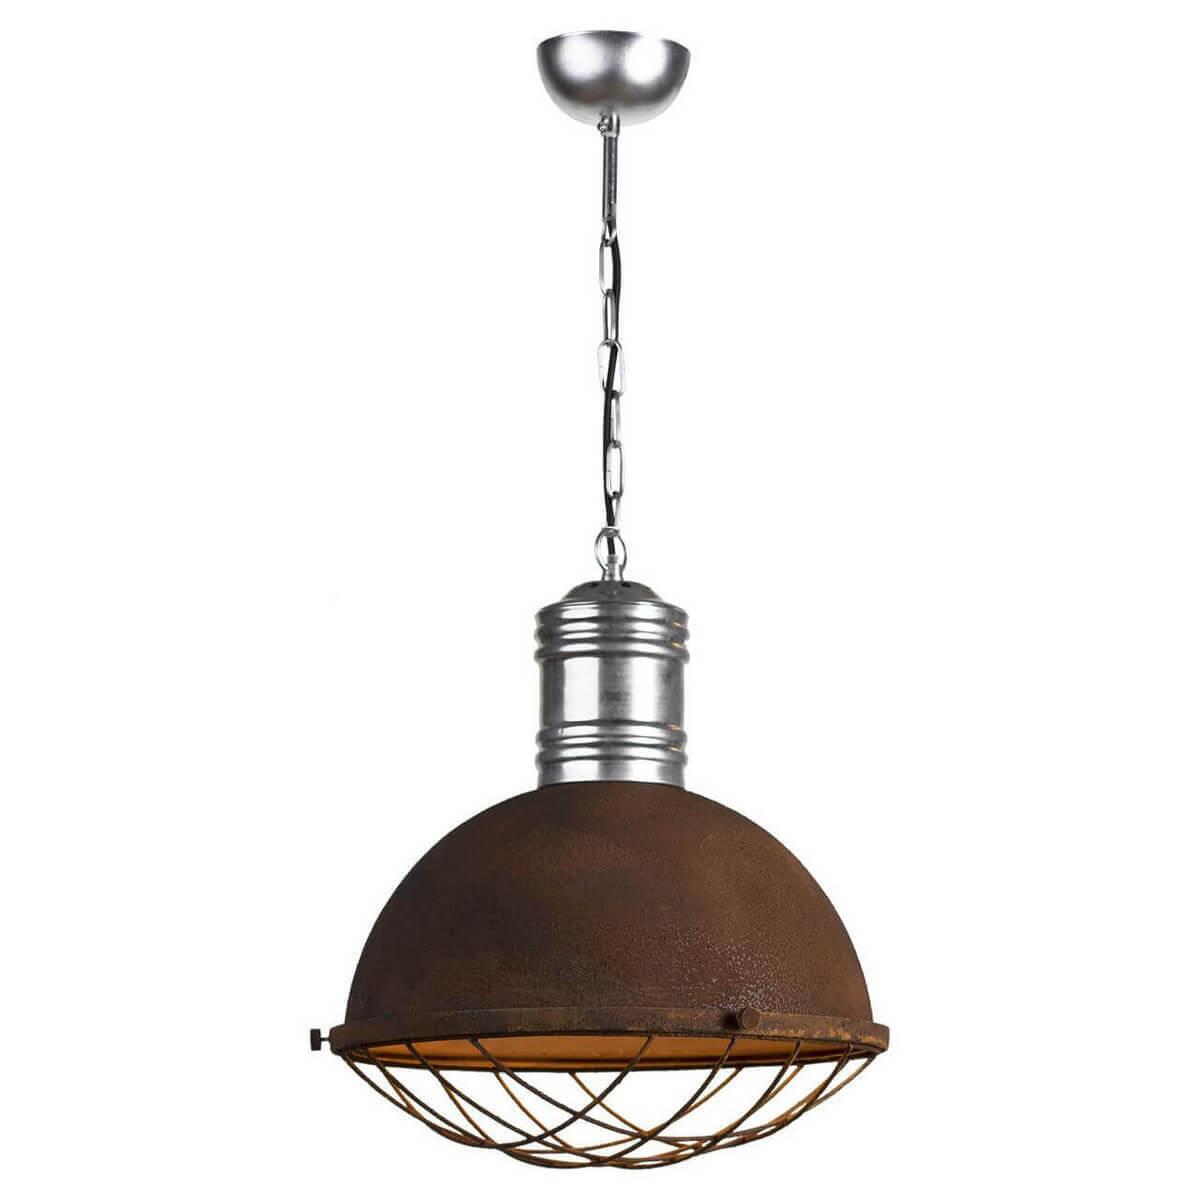 Подвесной светильник Lussole Loft GRLSP-9500 подвесной светильник lussole grlsp 9654 красный